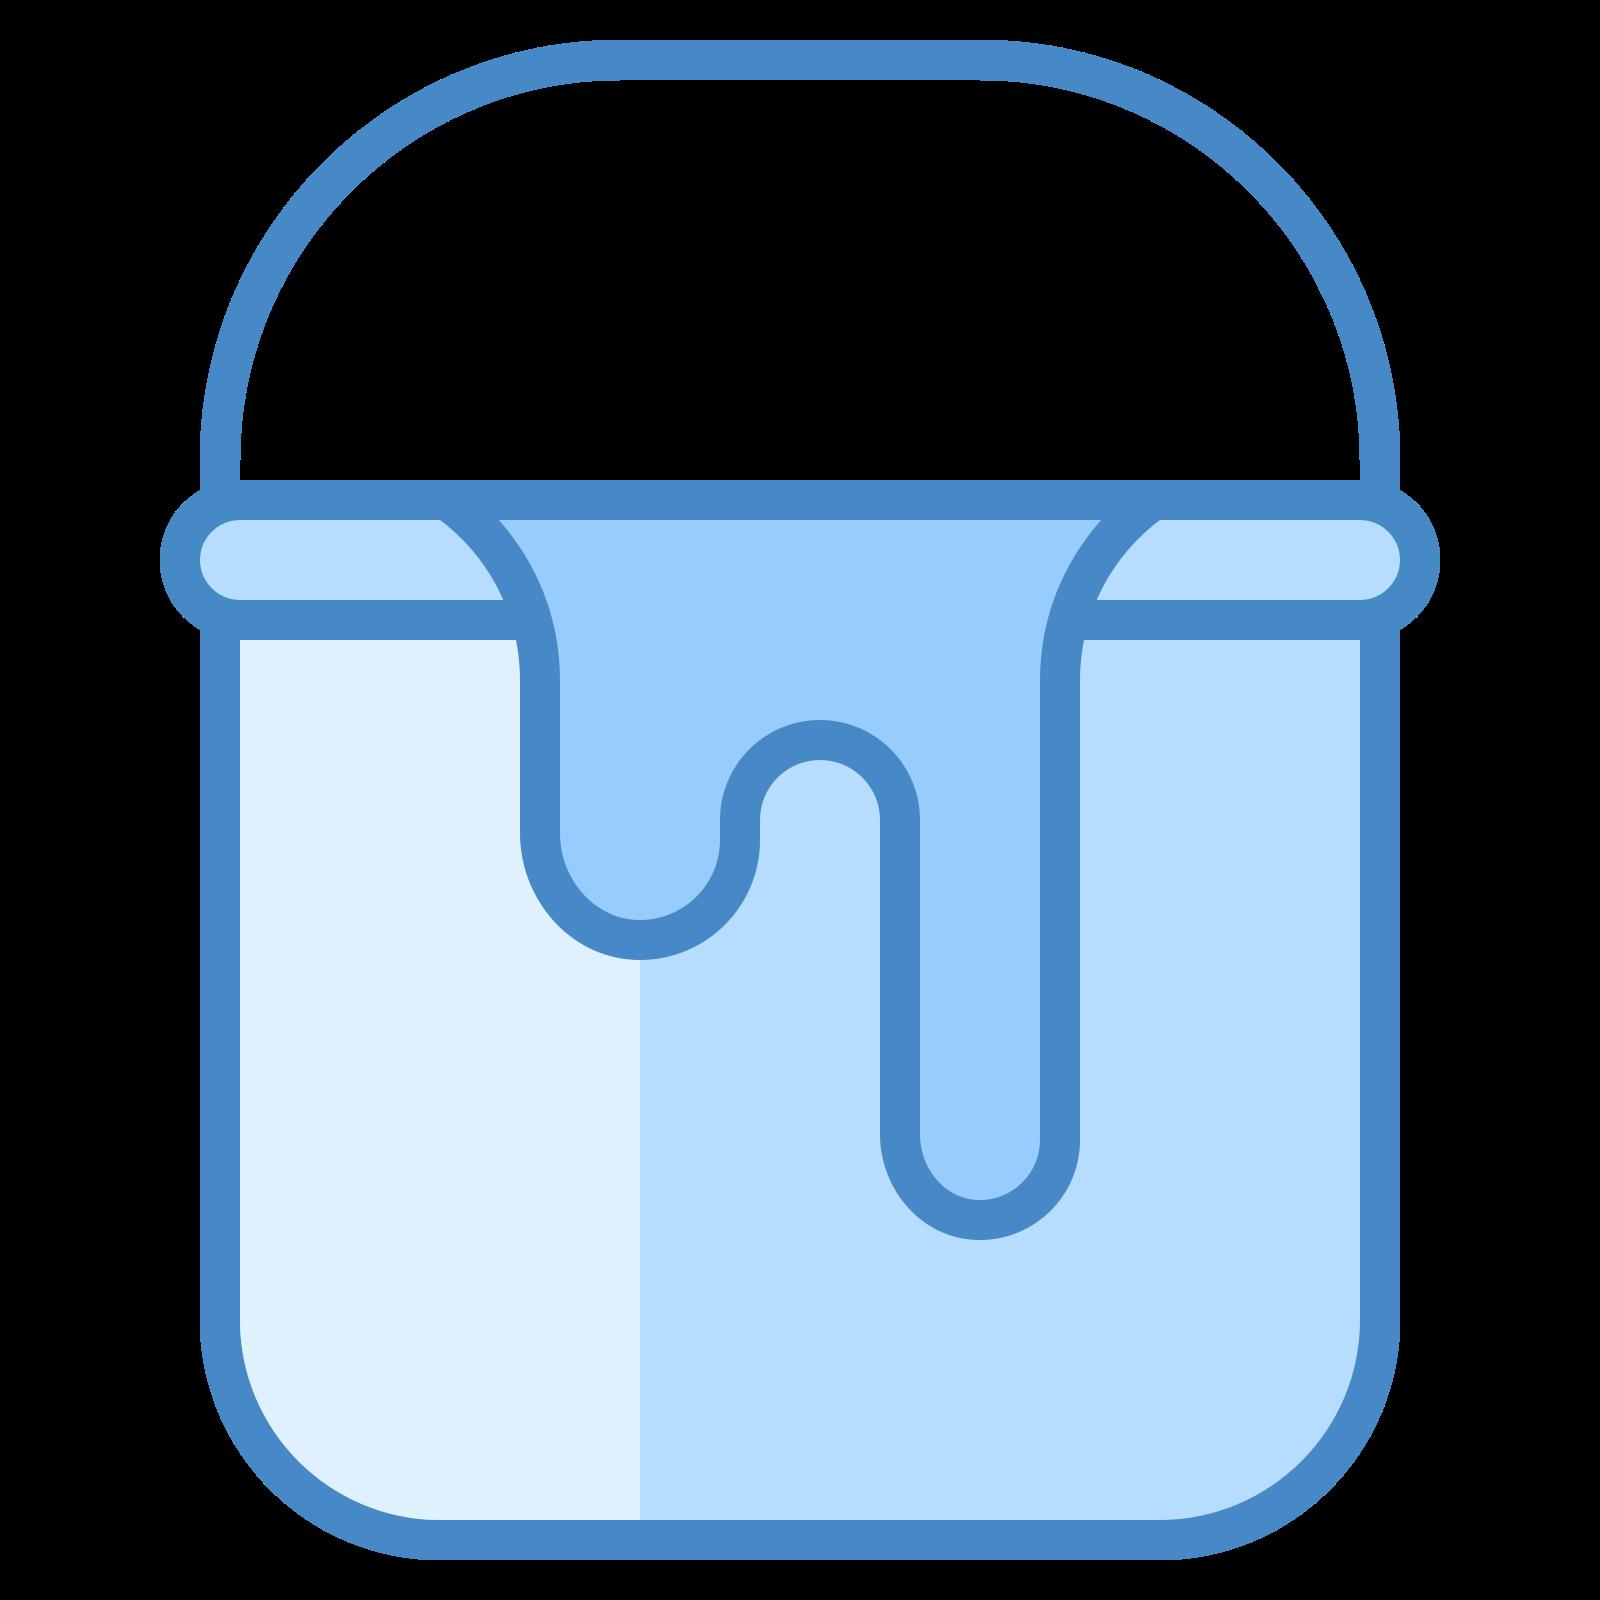 Paint Bucket Ultraviolet Icon Paint Buckets Icon Bucket